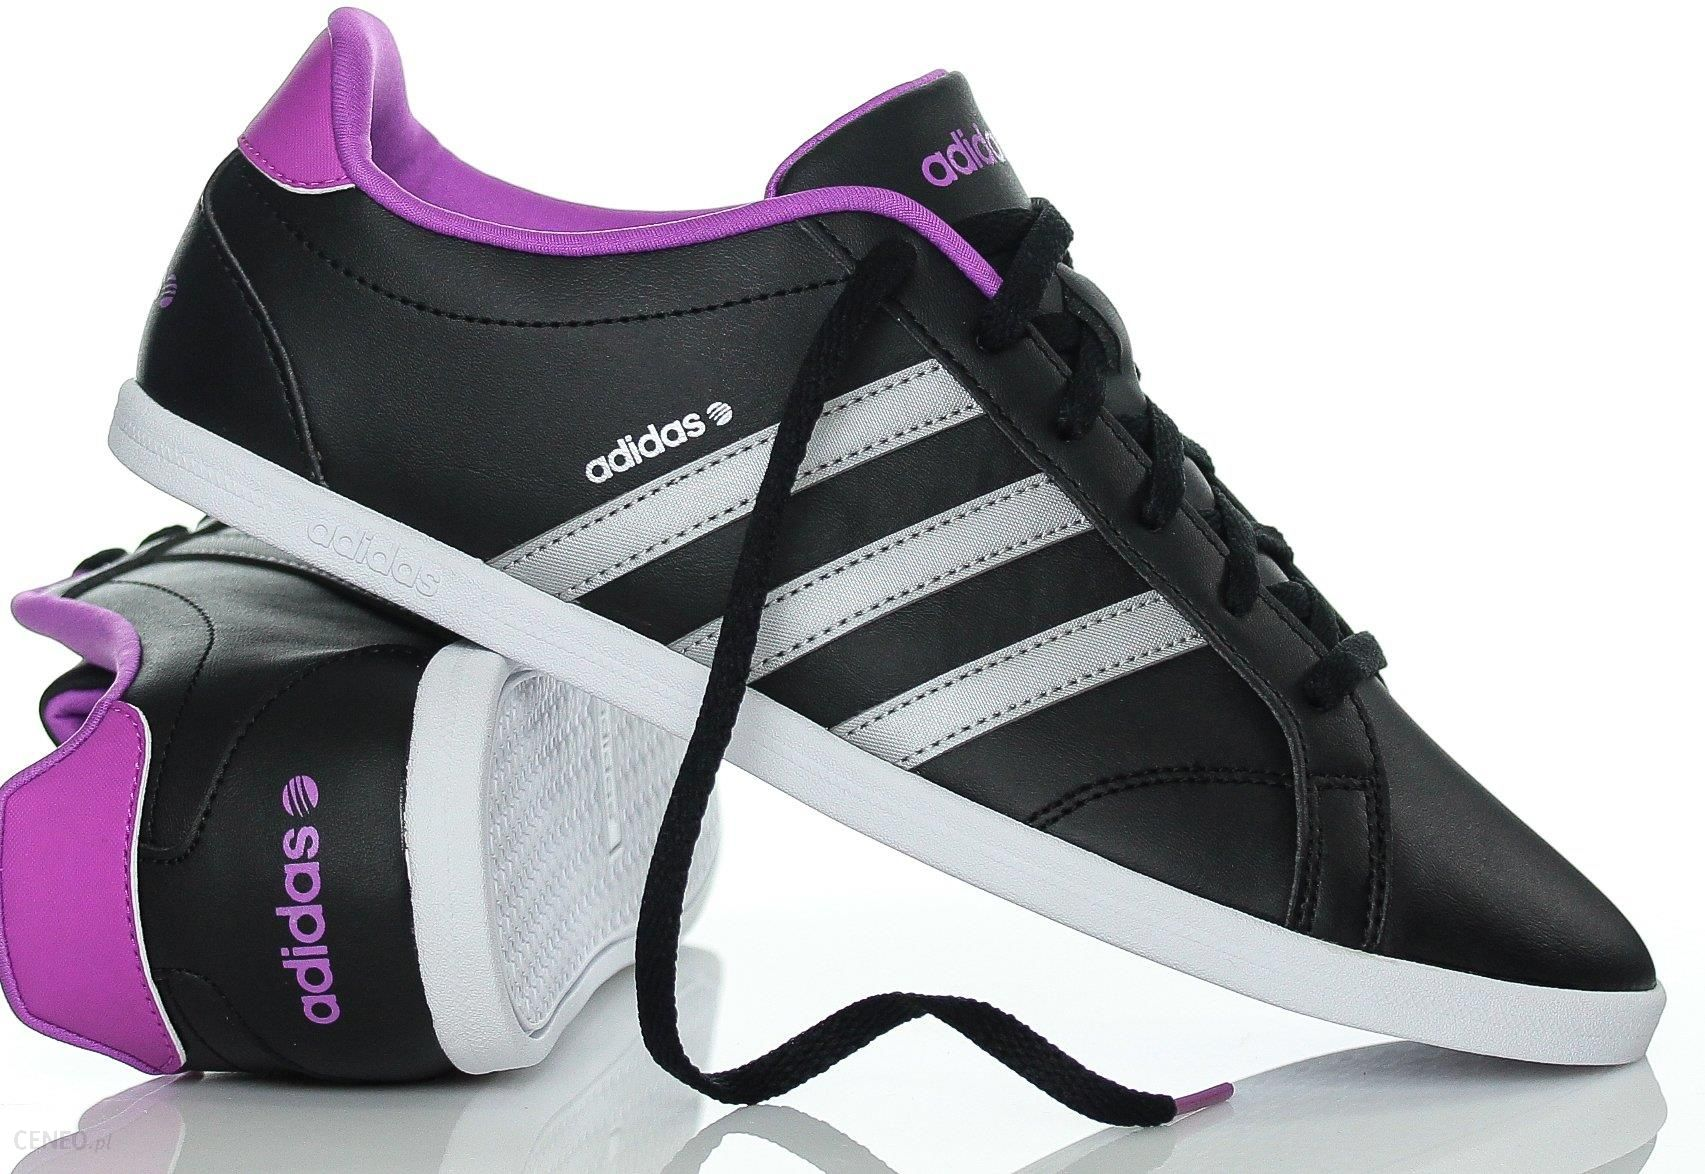 Buty damskie Adidas Coneo Qt F98268 Nowość 2016 Ceny i opinie Ceneo.pl